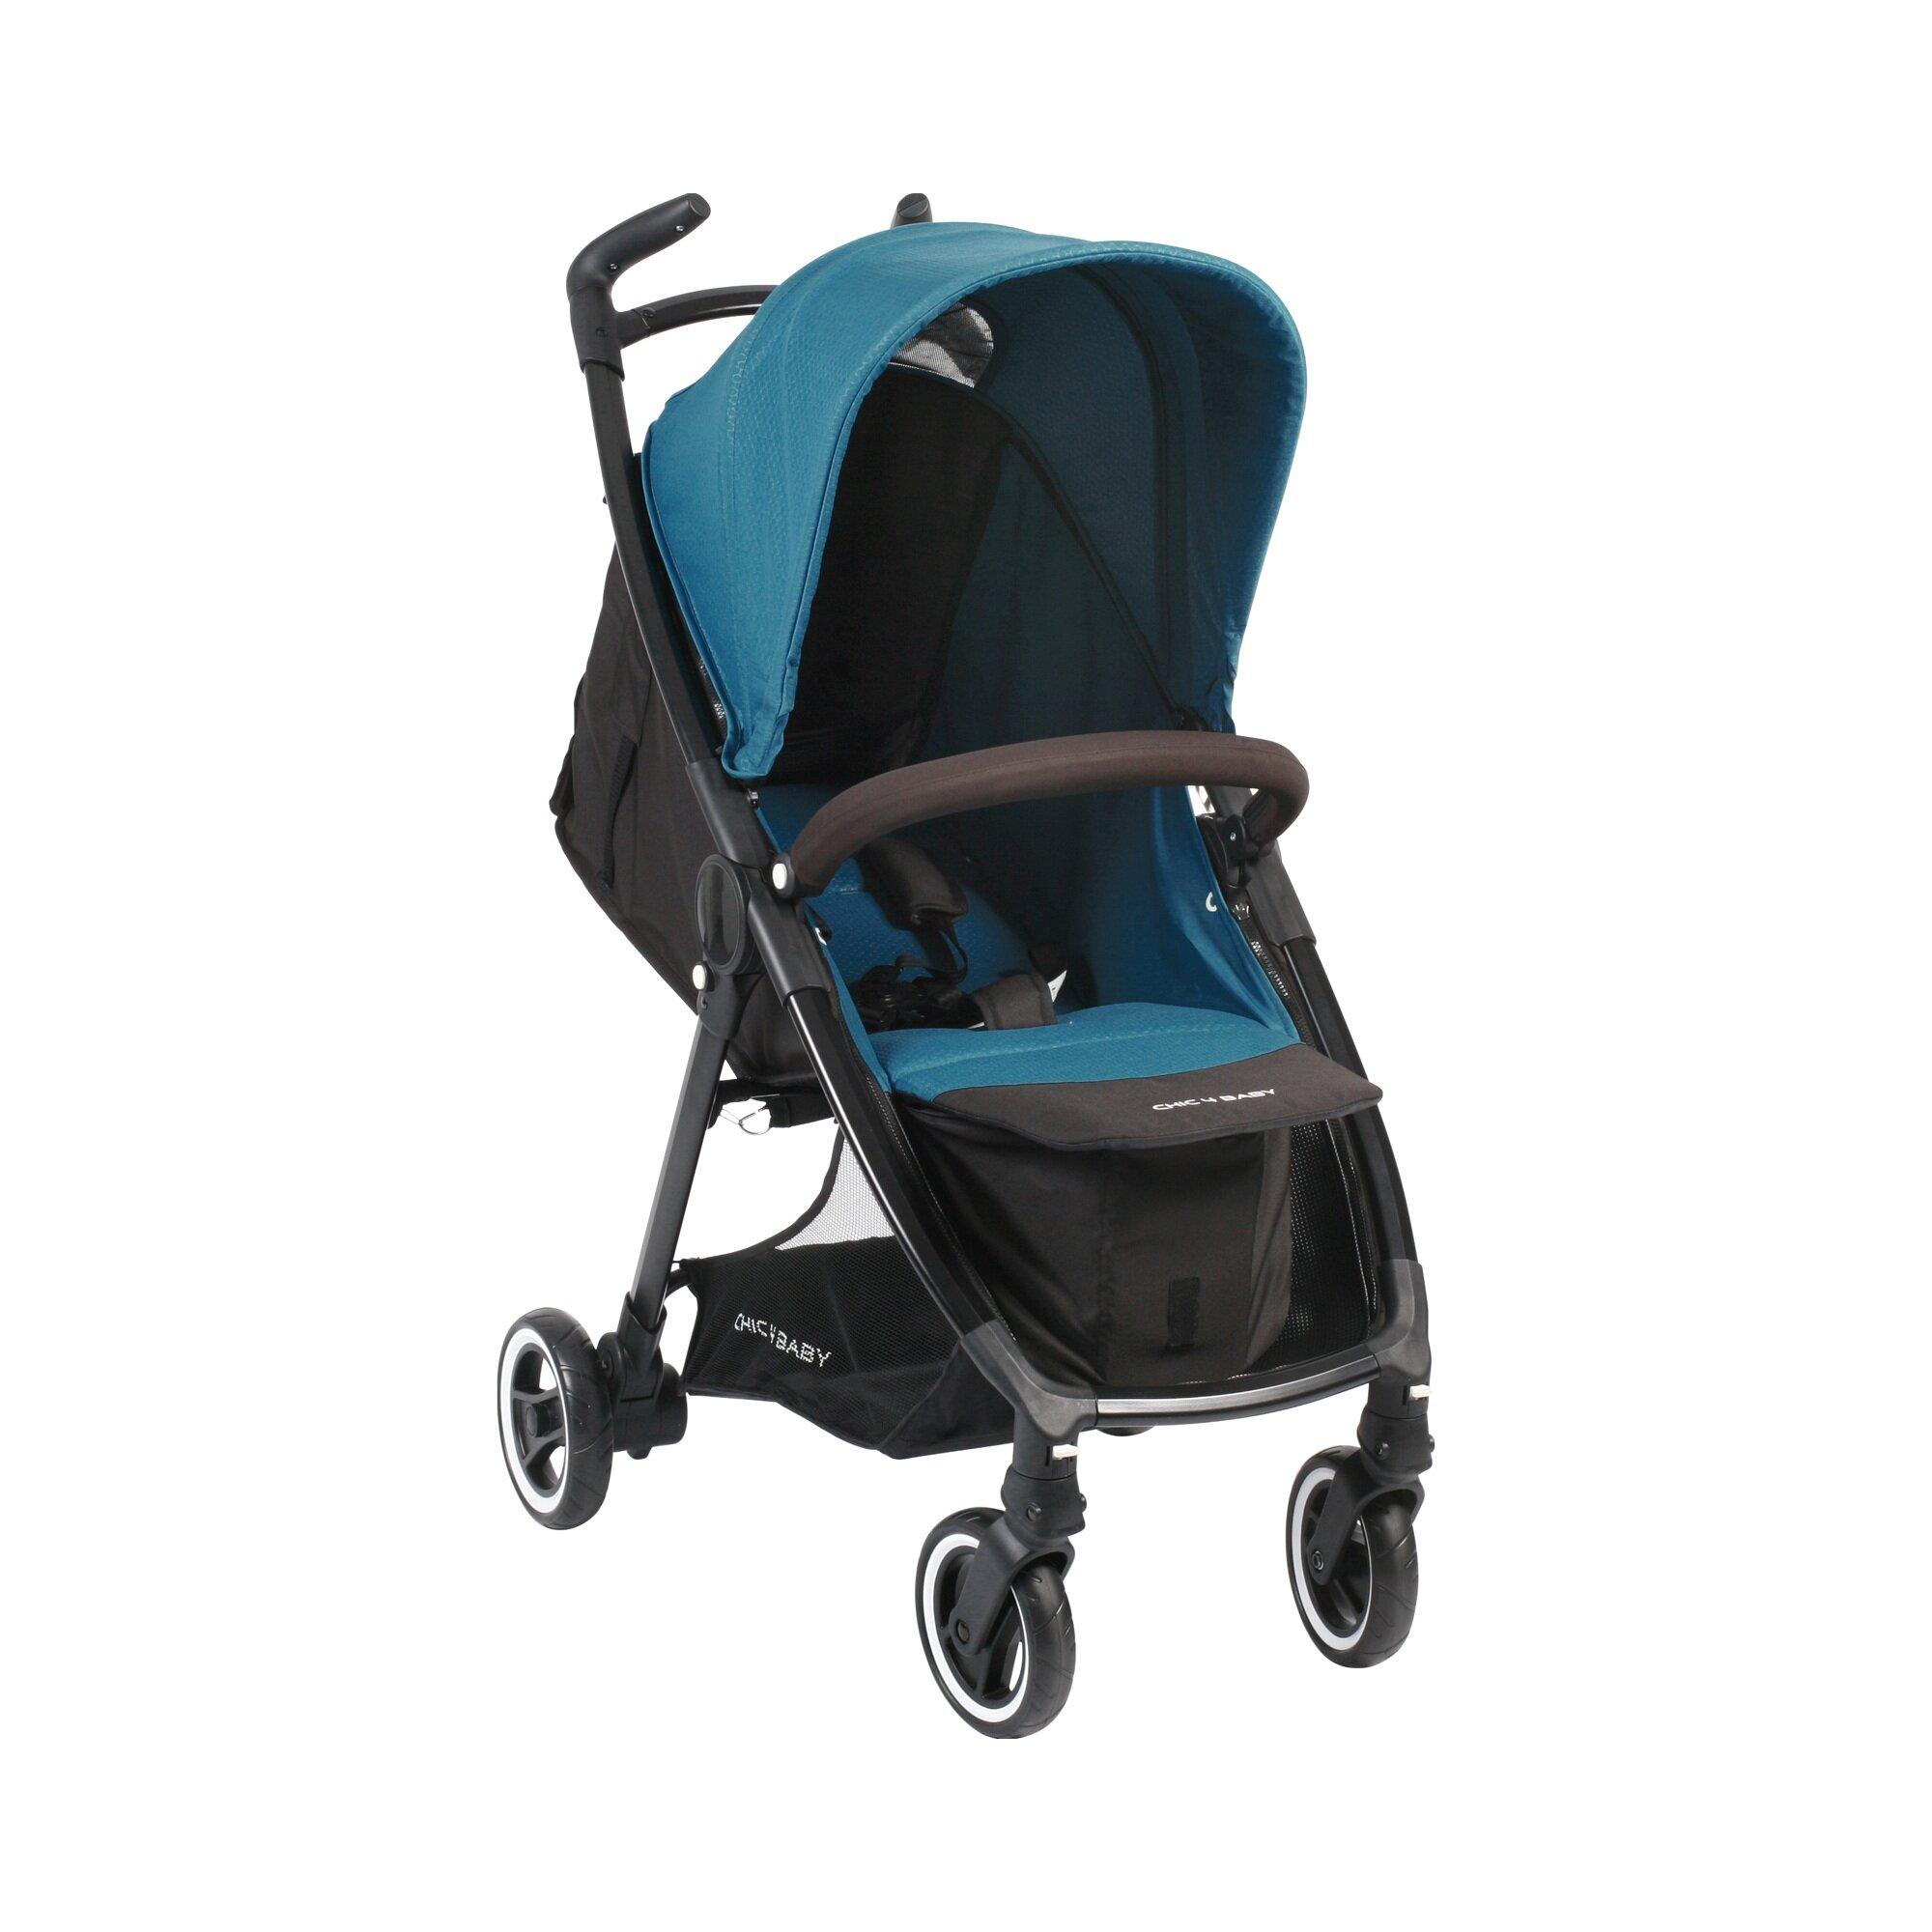 chic-4-baby-robbie-kinderwagen-sportwagen-blau